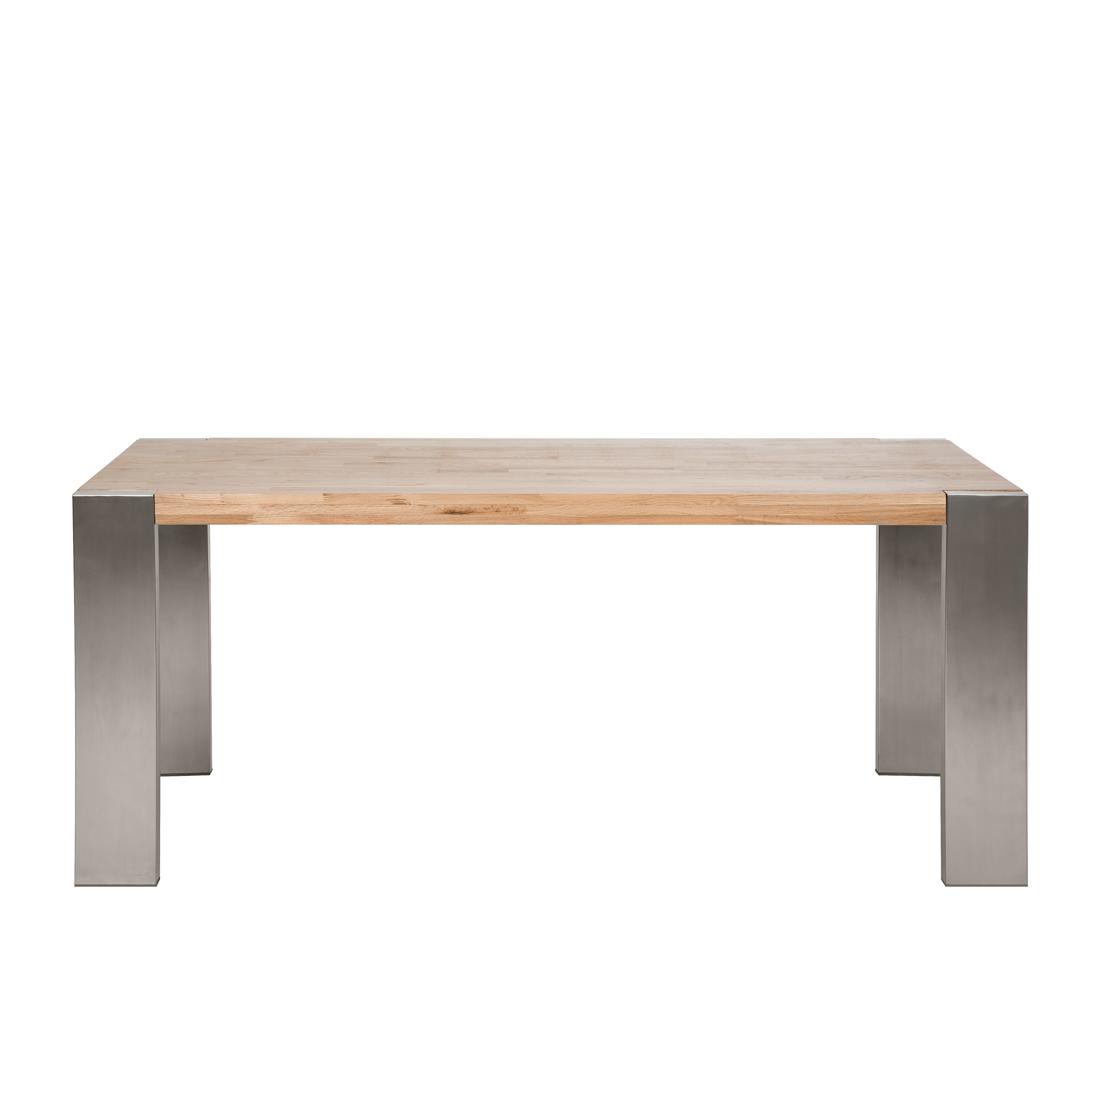 Massiver Baumstamm Tisch GENESIS 220cm Eiche Massivholz Baumkante Esstisch mit Kufengestell aus ...